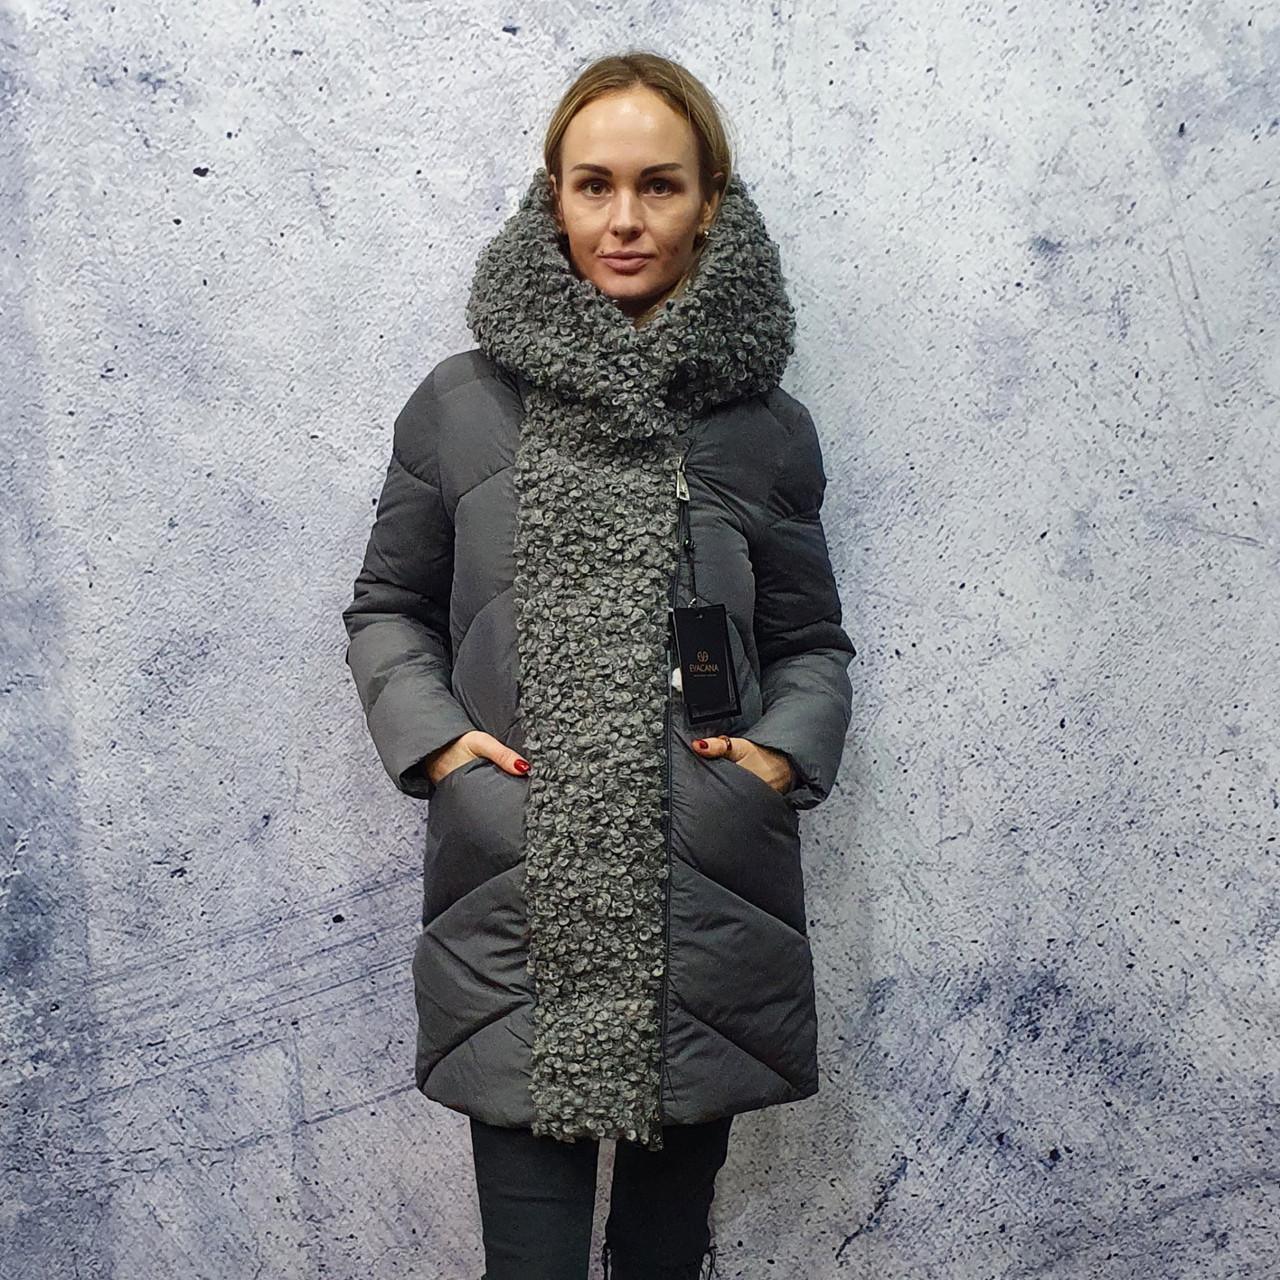 Жіноча зимова куртка Evacana E20W014M Жіноча зимова куртка великого розміру.